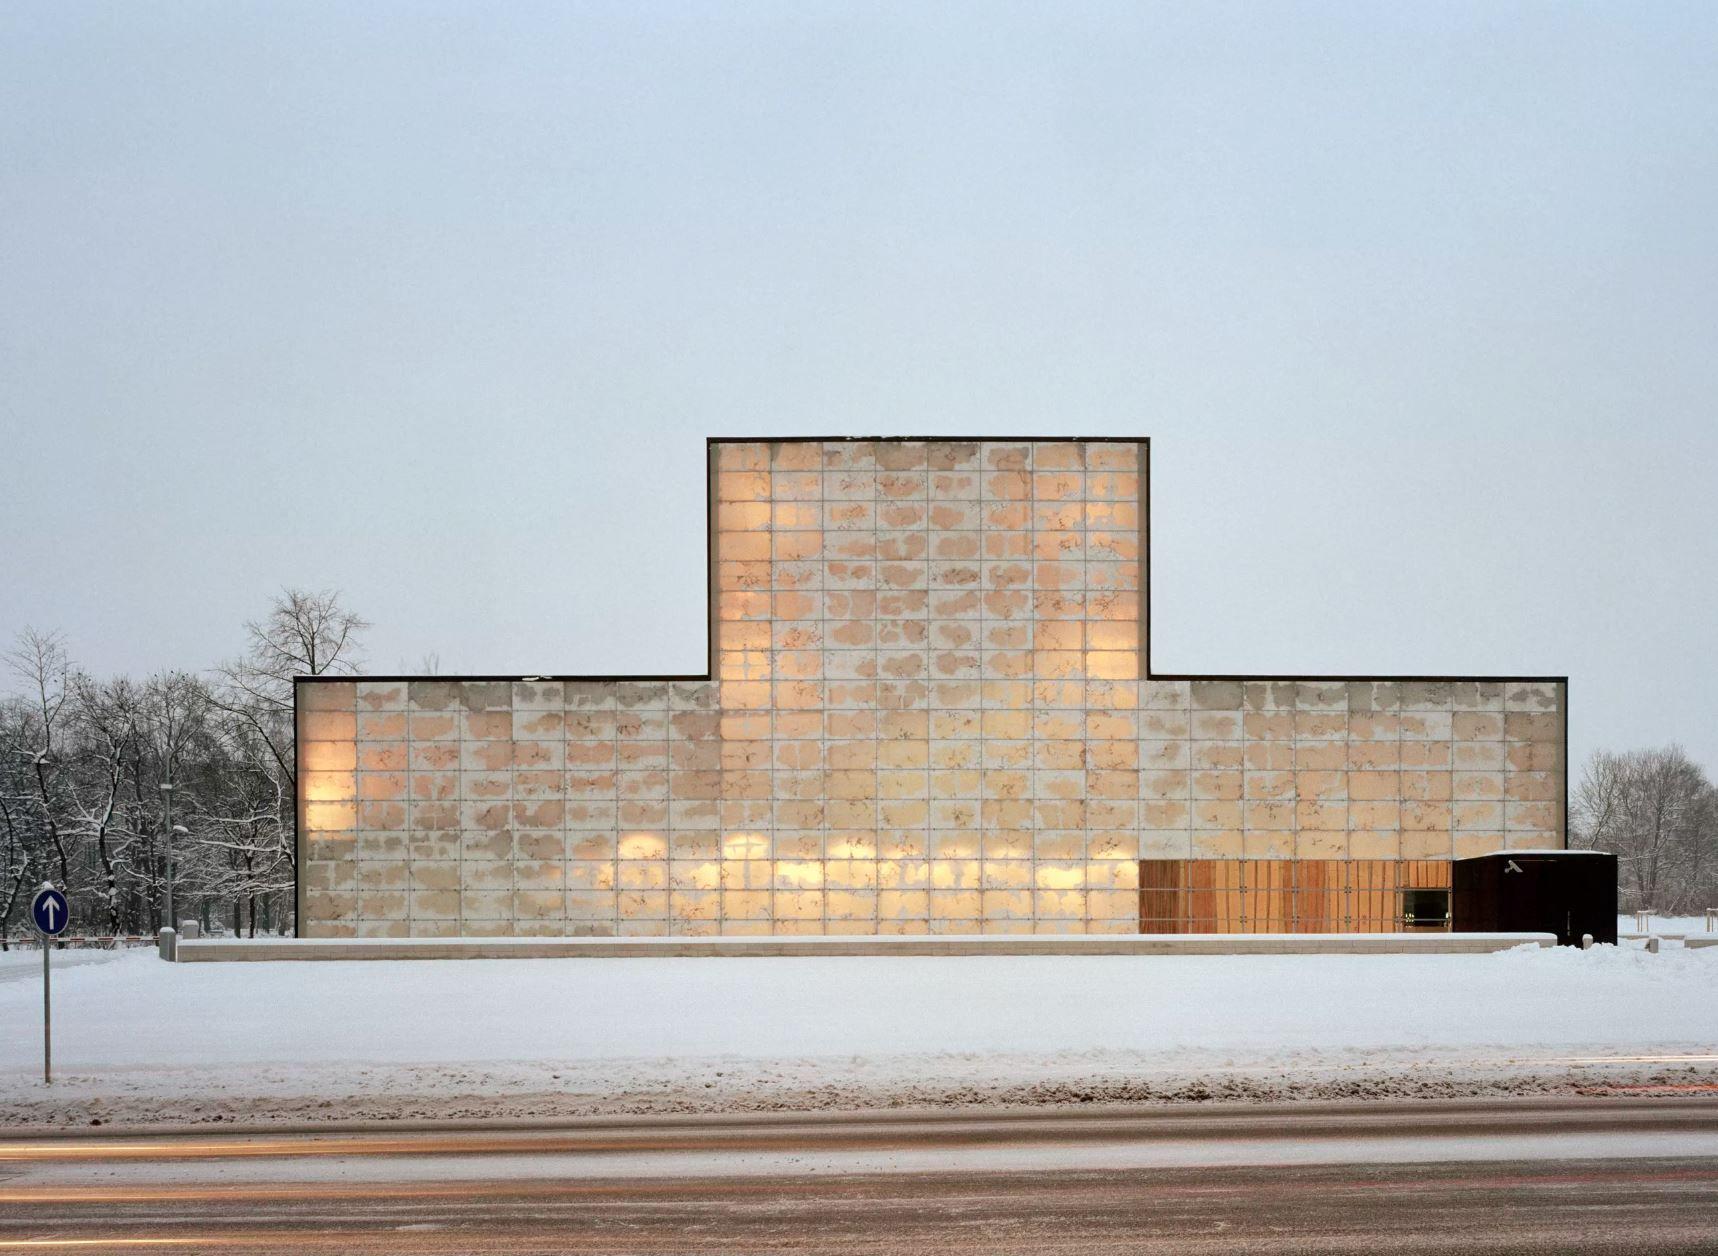 Mateo Architacture Regional Deutsche Bundesbank Head